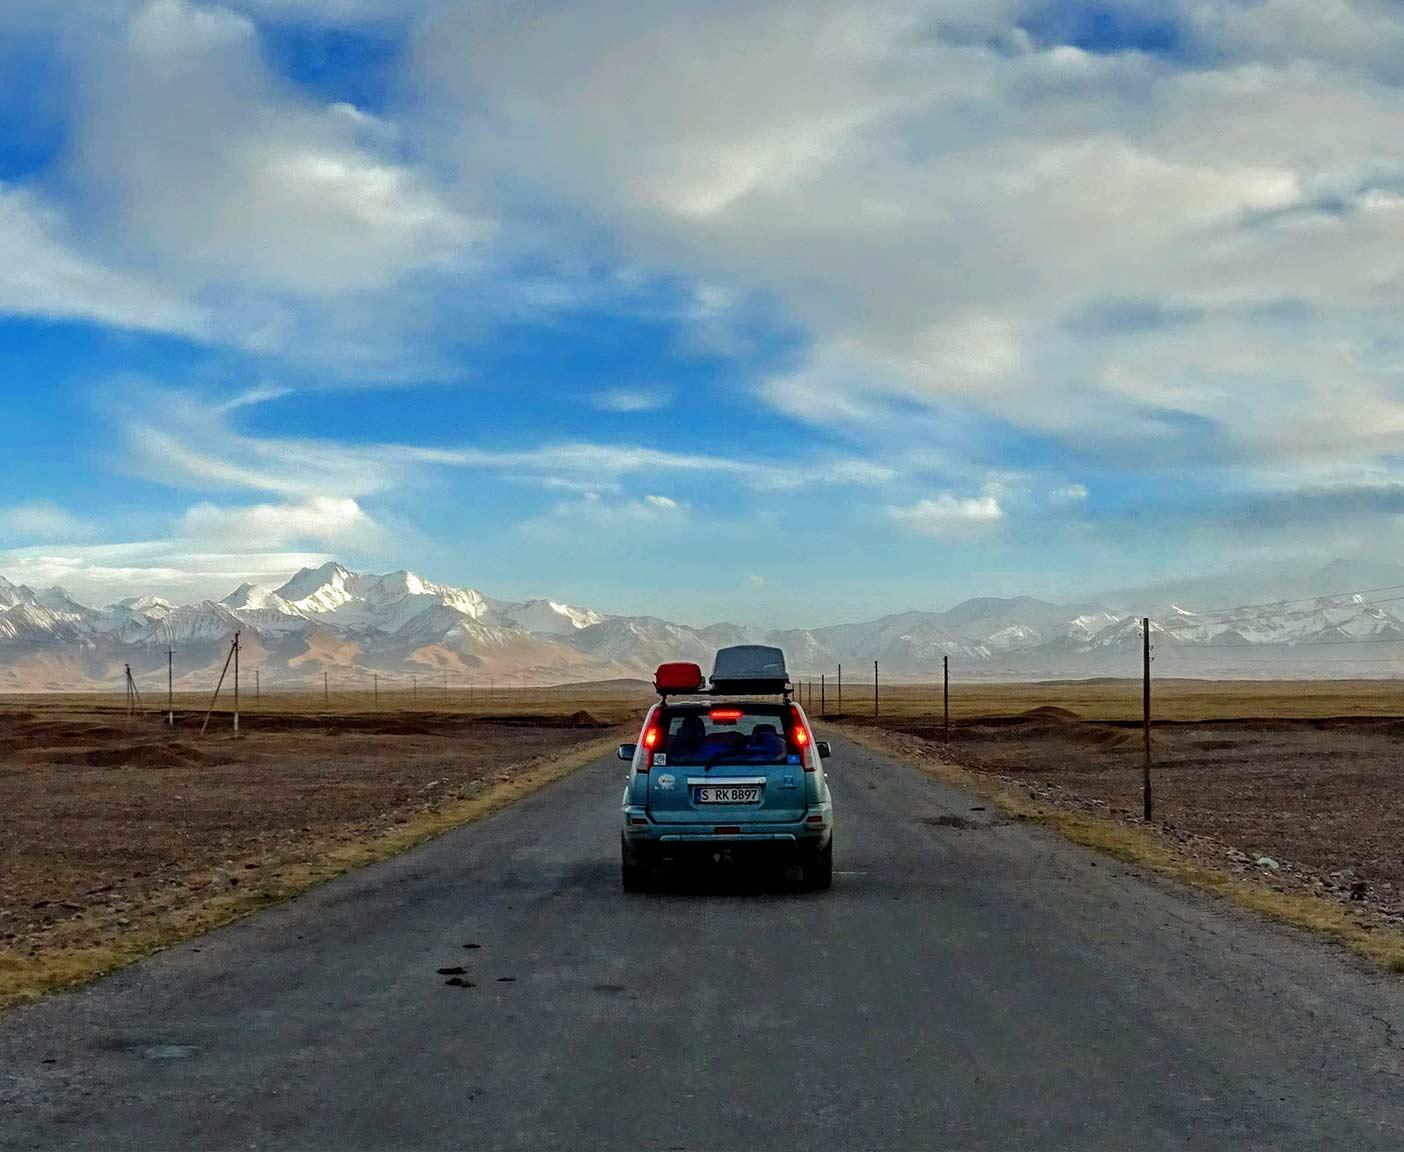 guenstige-expeditionsfahrzeuge-mobilw-offroad-gelaendegaenig-wohnmobil-nissan-xtrail-4x4-allrad-gebraucht-7